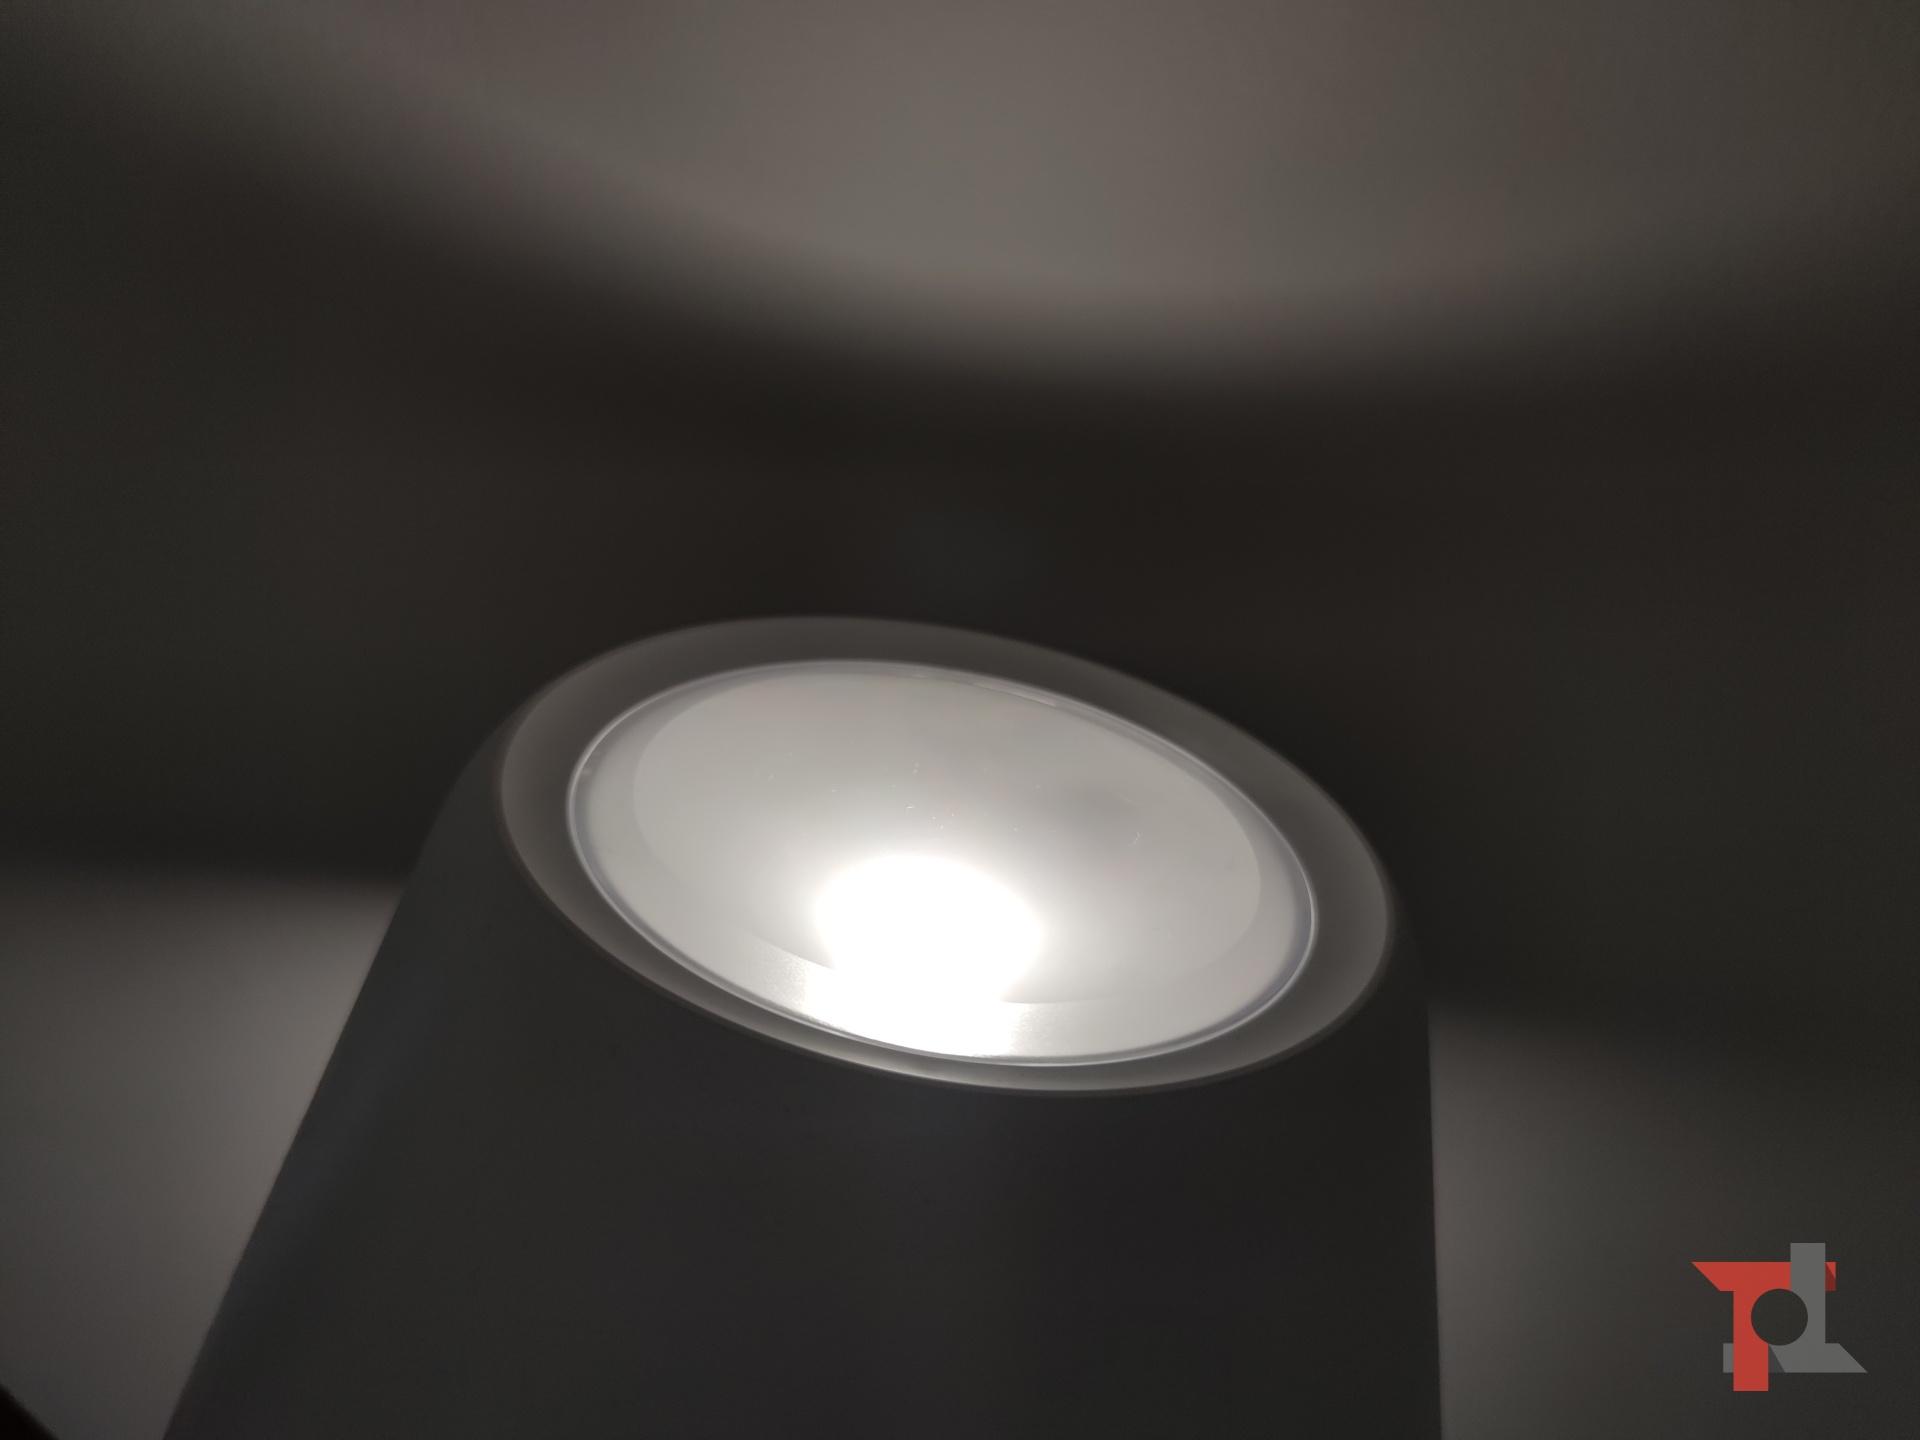 Recensione Yeelight Floor Lamp, la lampada da pavimento che crea l'atmosfera giusta 6